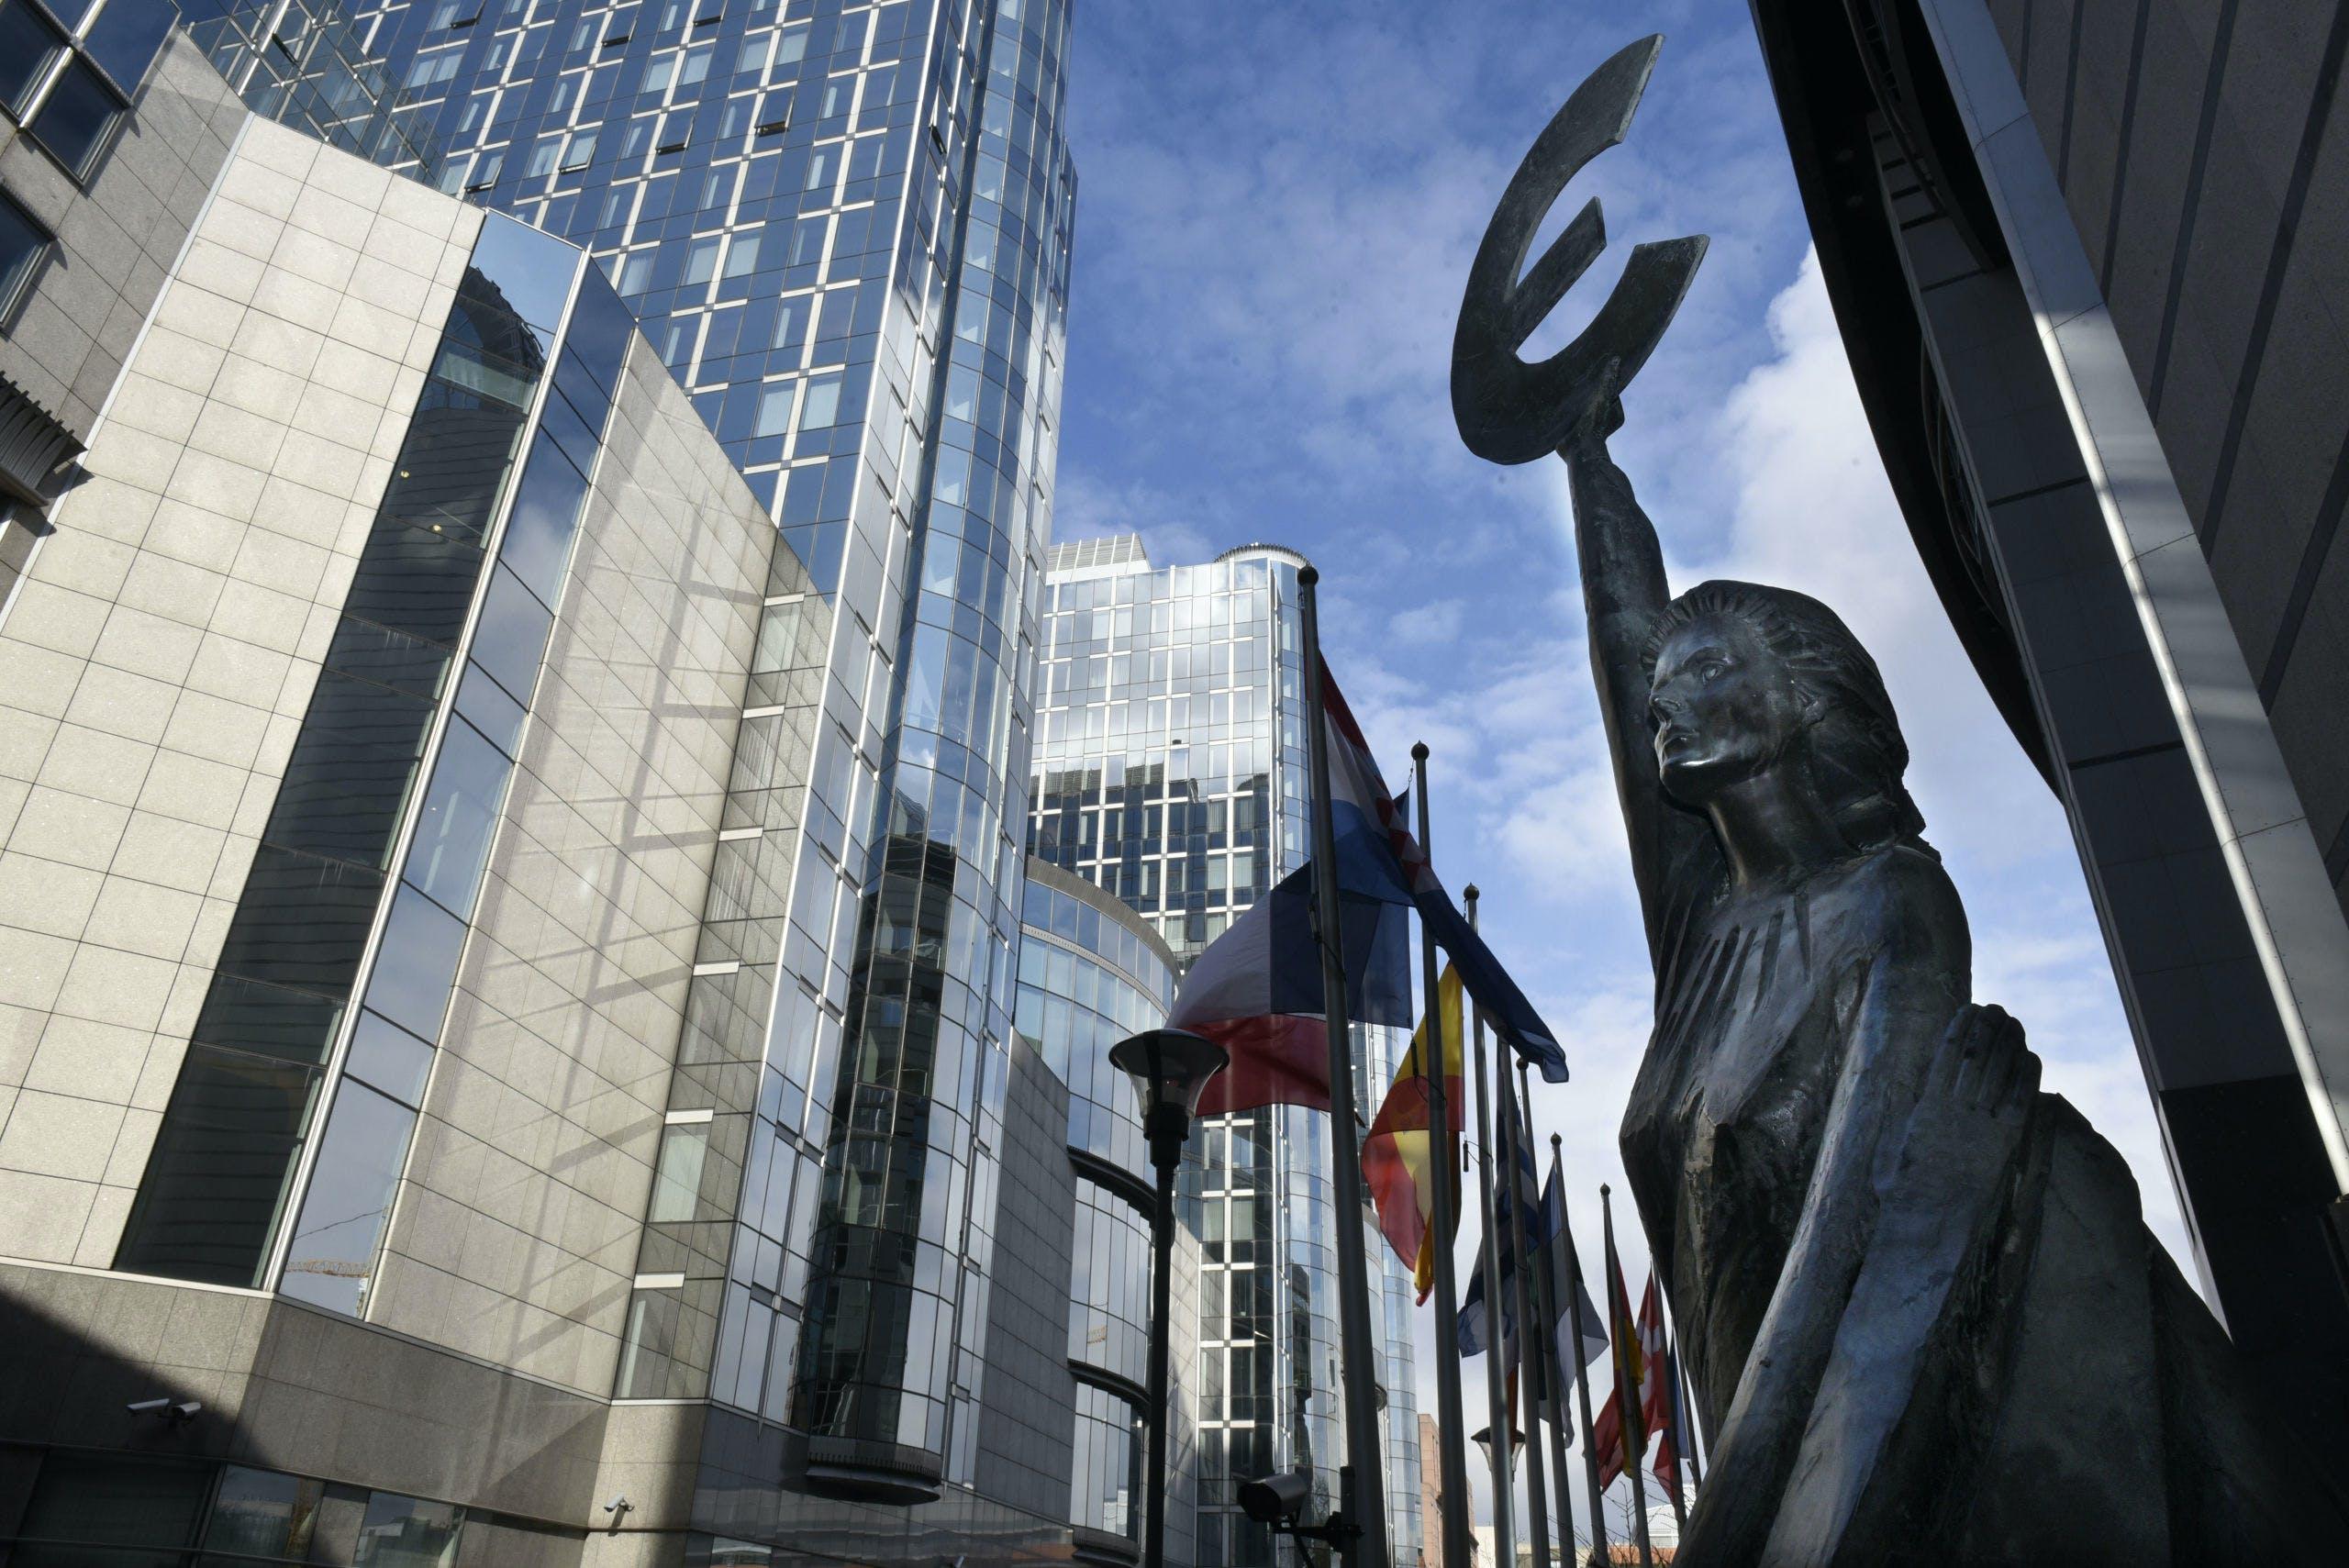 Standbeeld van de mythische figuur Europa met een euroteken in haar hand. het standbeeld staat in de Europese wijk van Brussel